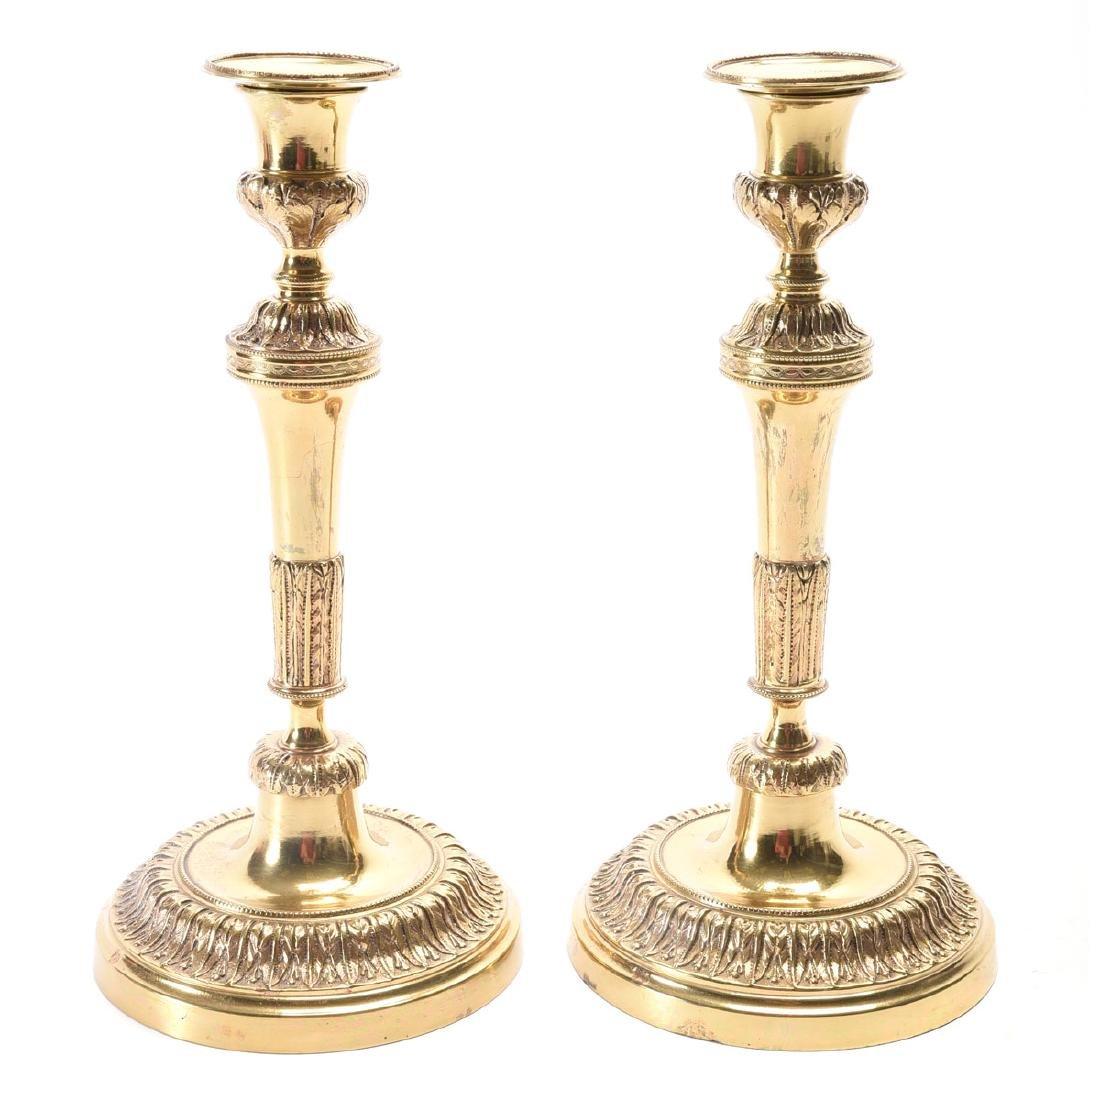 Pair of Directoire Gilt Brass Candlesticks.